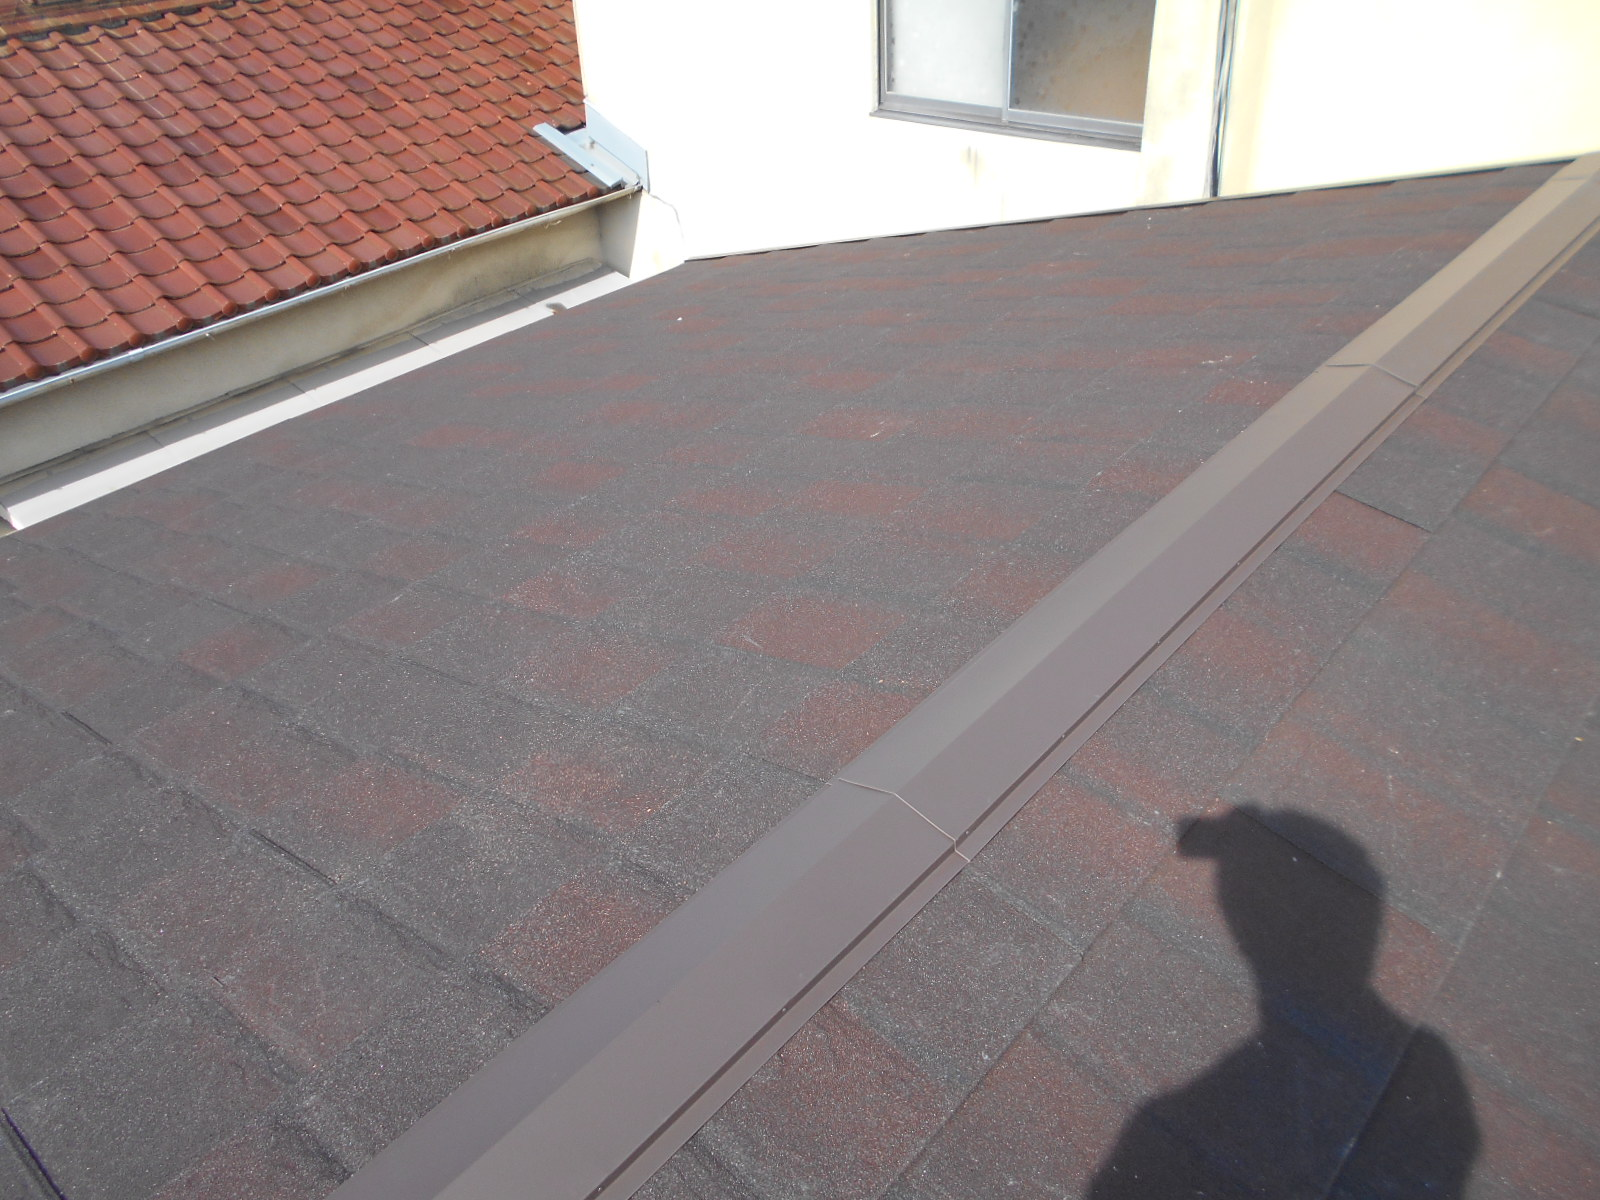 津市で屋根葺き替え工事(カバー工法)